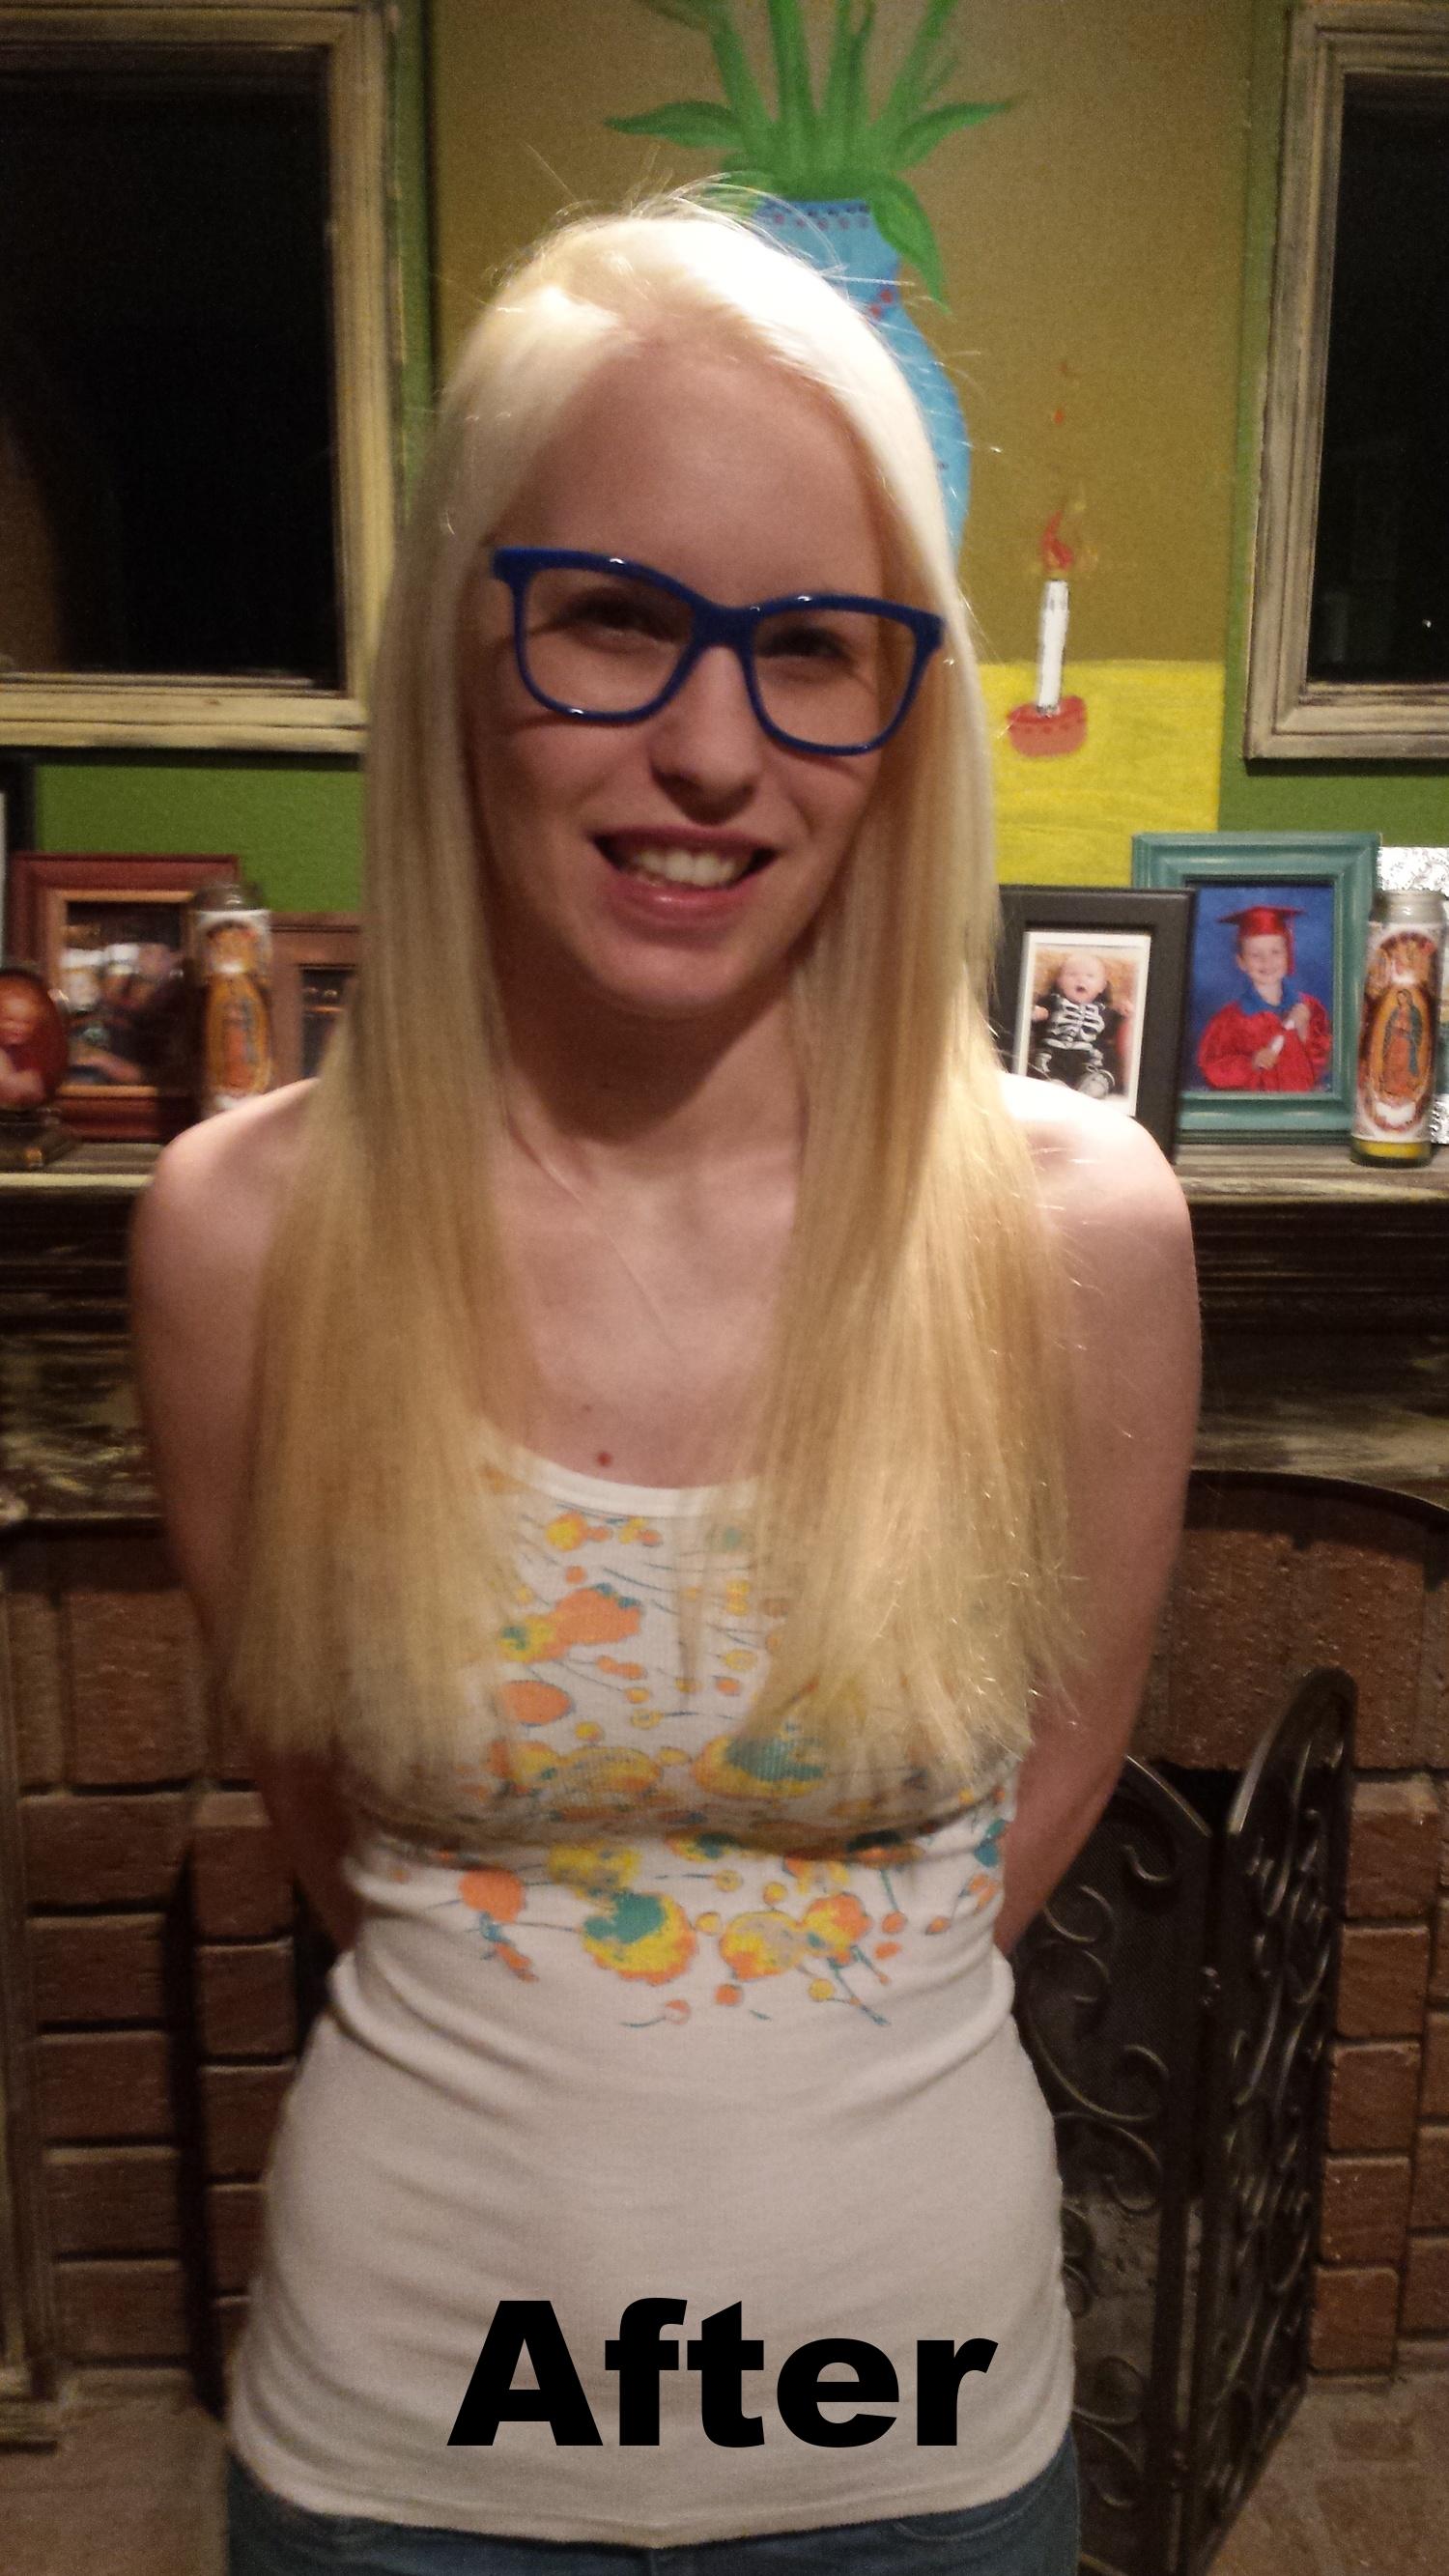 sarah after glasses.jpg